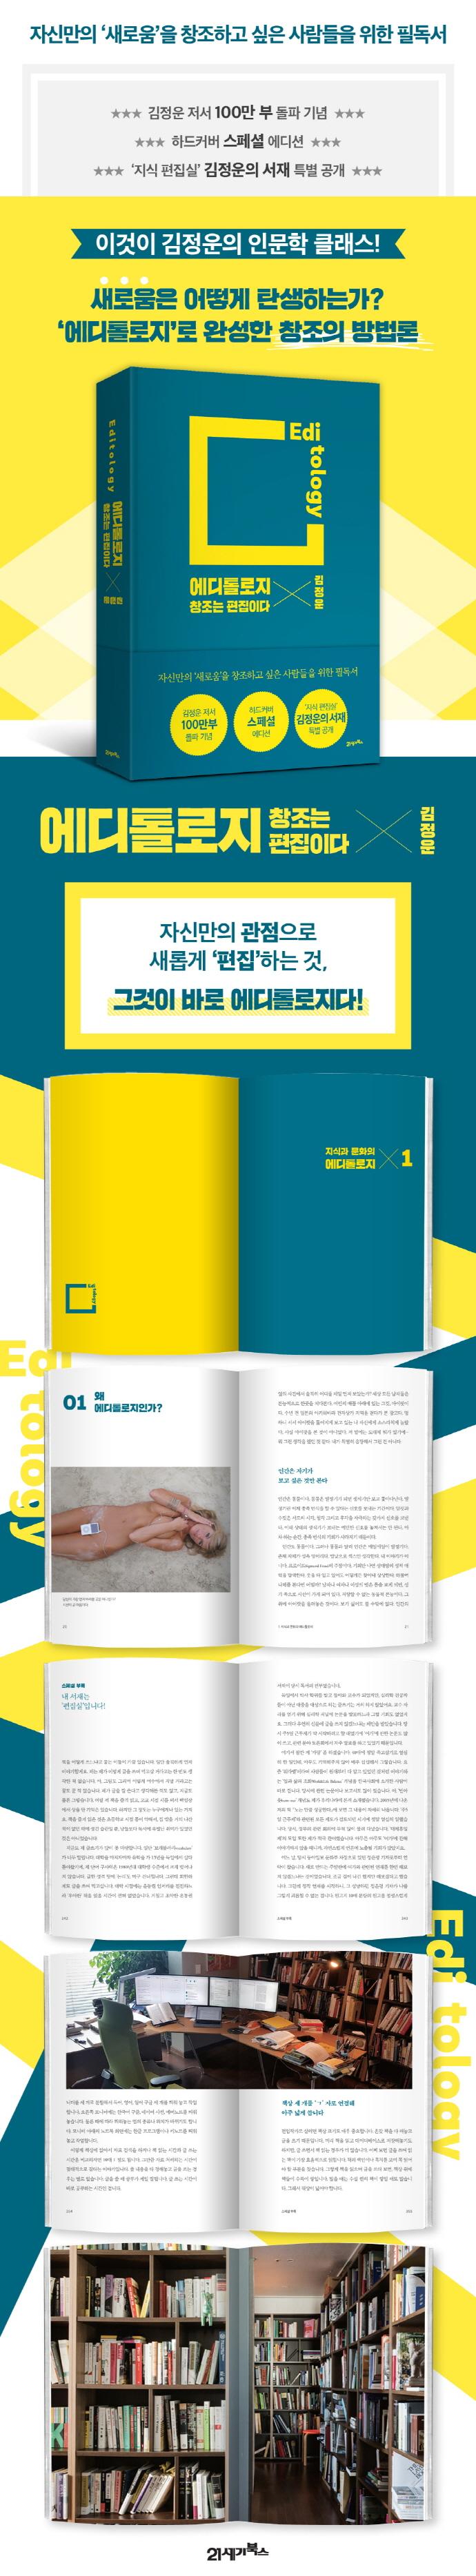 에디톨로지(스페셜 에디션)(양장본 HardCover) 도서 상세이미지